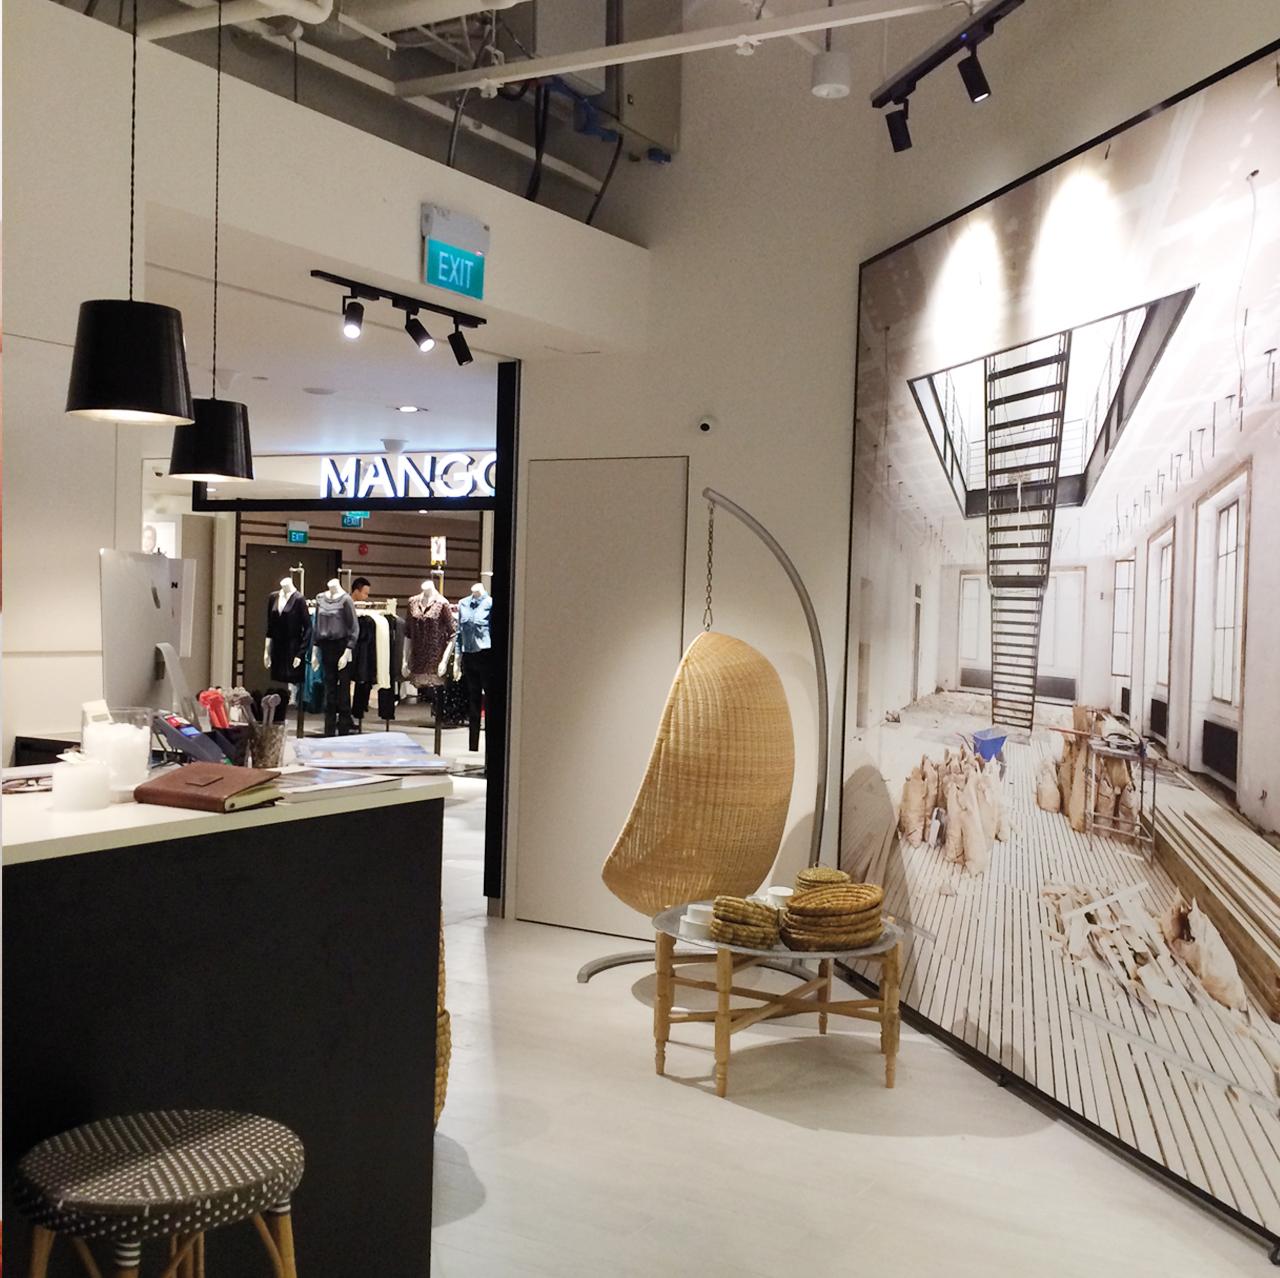 Progettazione interni negozi